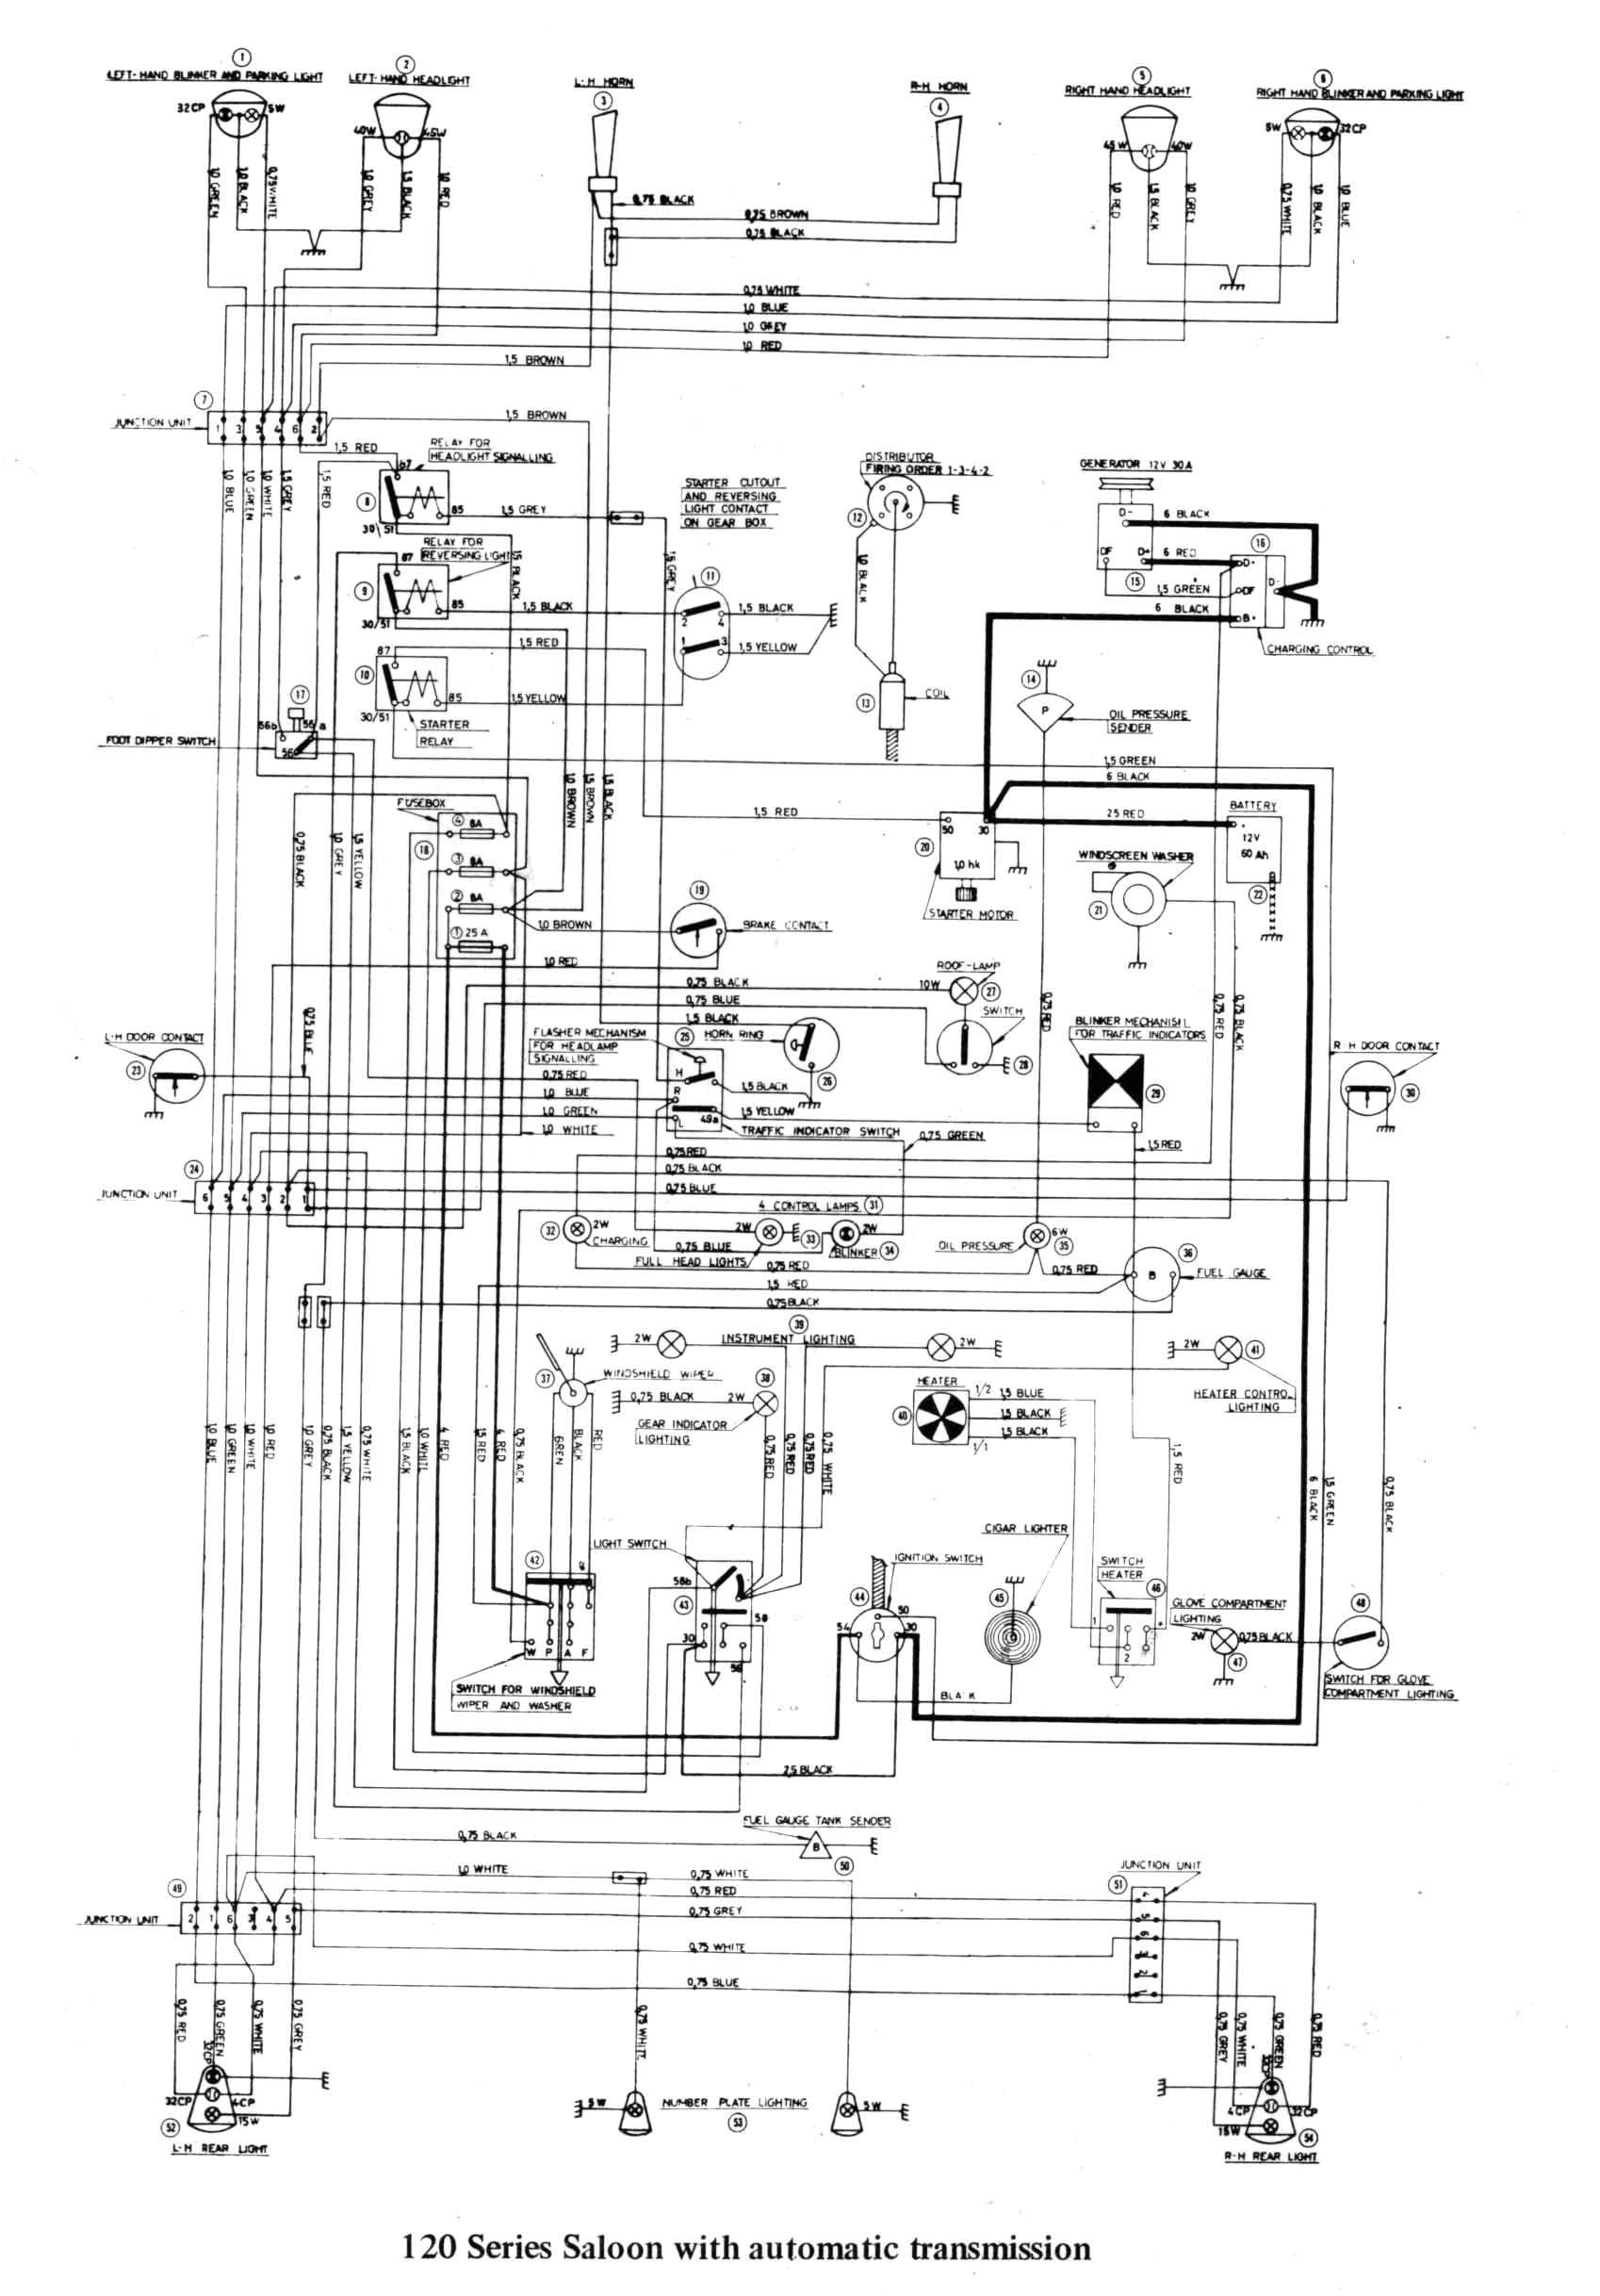 turn signal wiring diagram turn signal wiring diagram new sw em od retrofitting vintage volvo of turn signal wiring diagram jpg